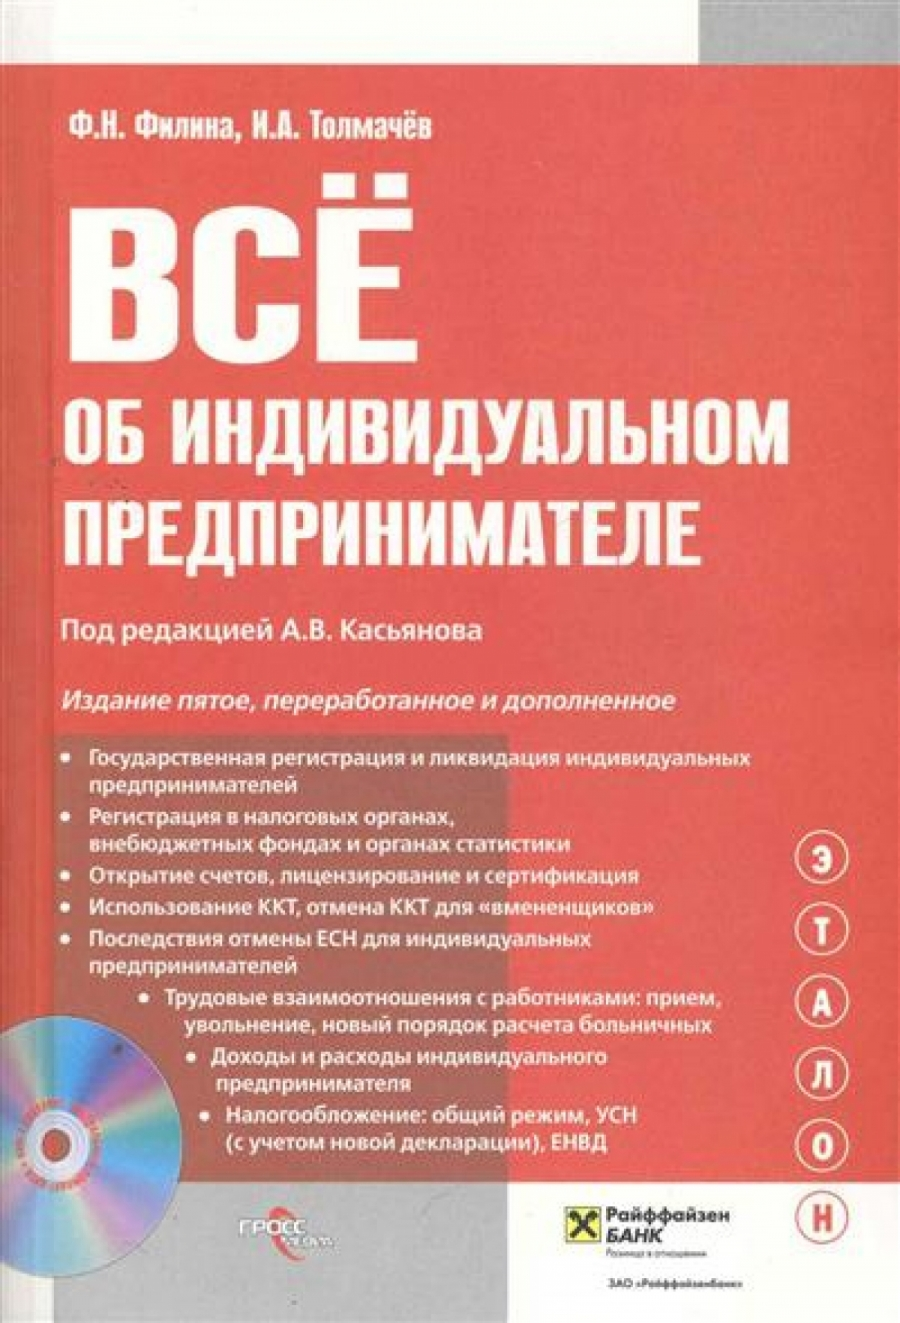 Обложка книги:  филина ф. н. - всё об индивидуальном предпринимателе